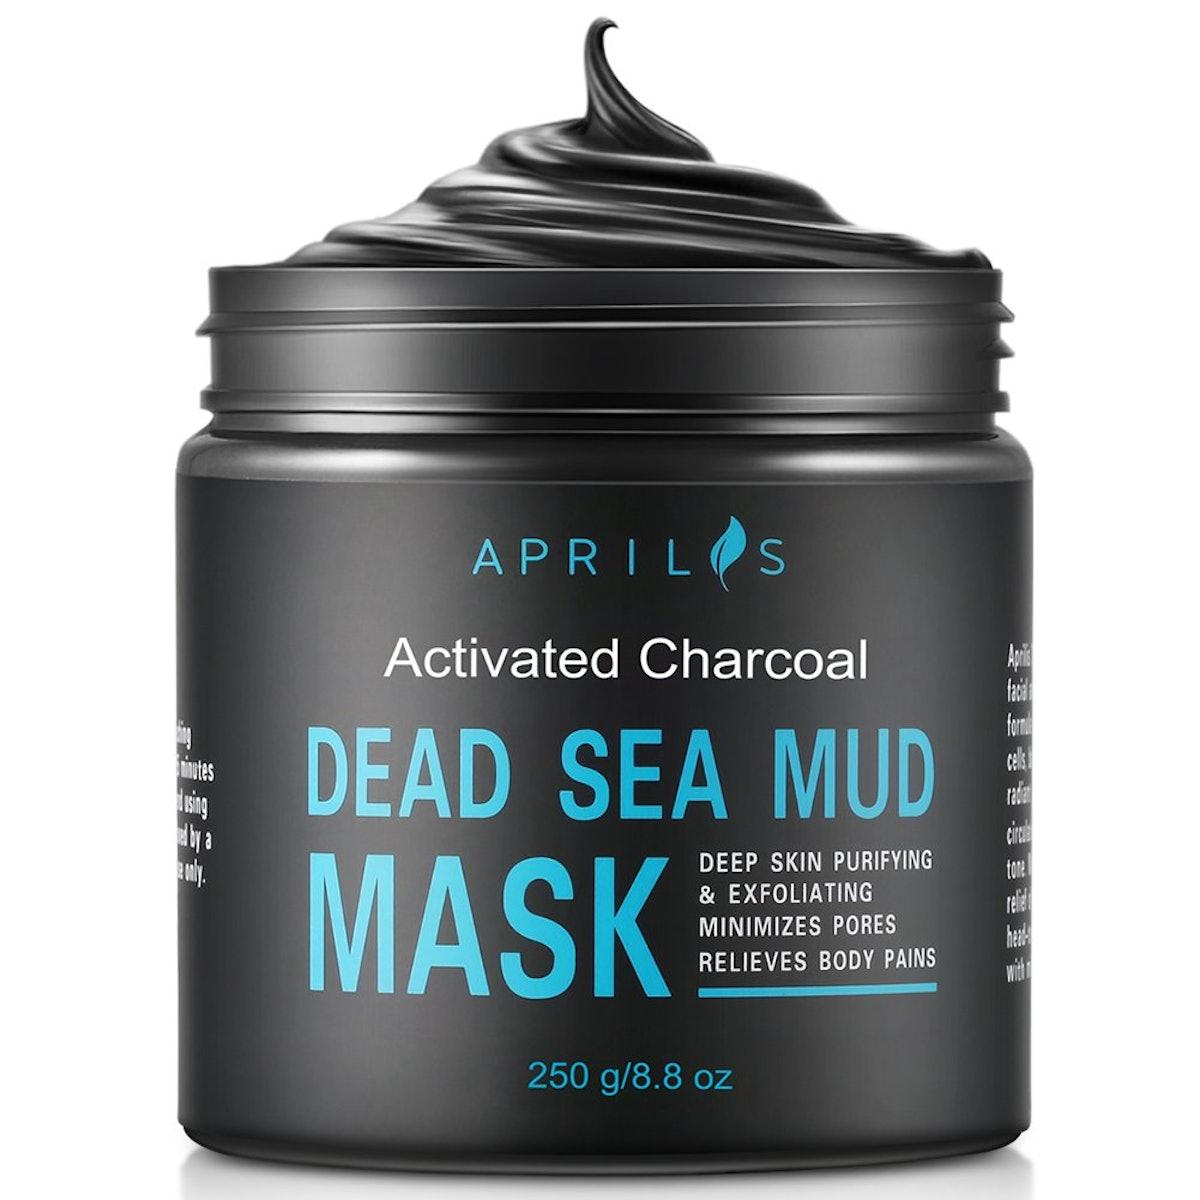 Aprilis Dead Sea Mud Mask